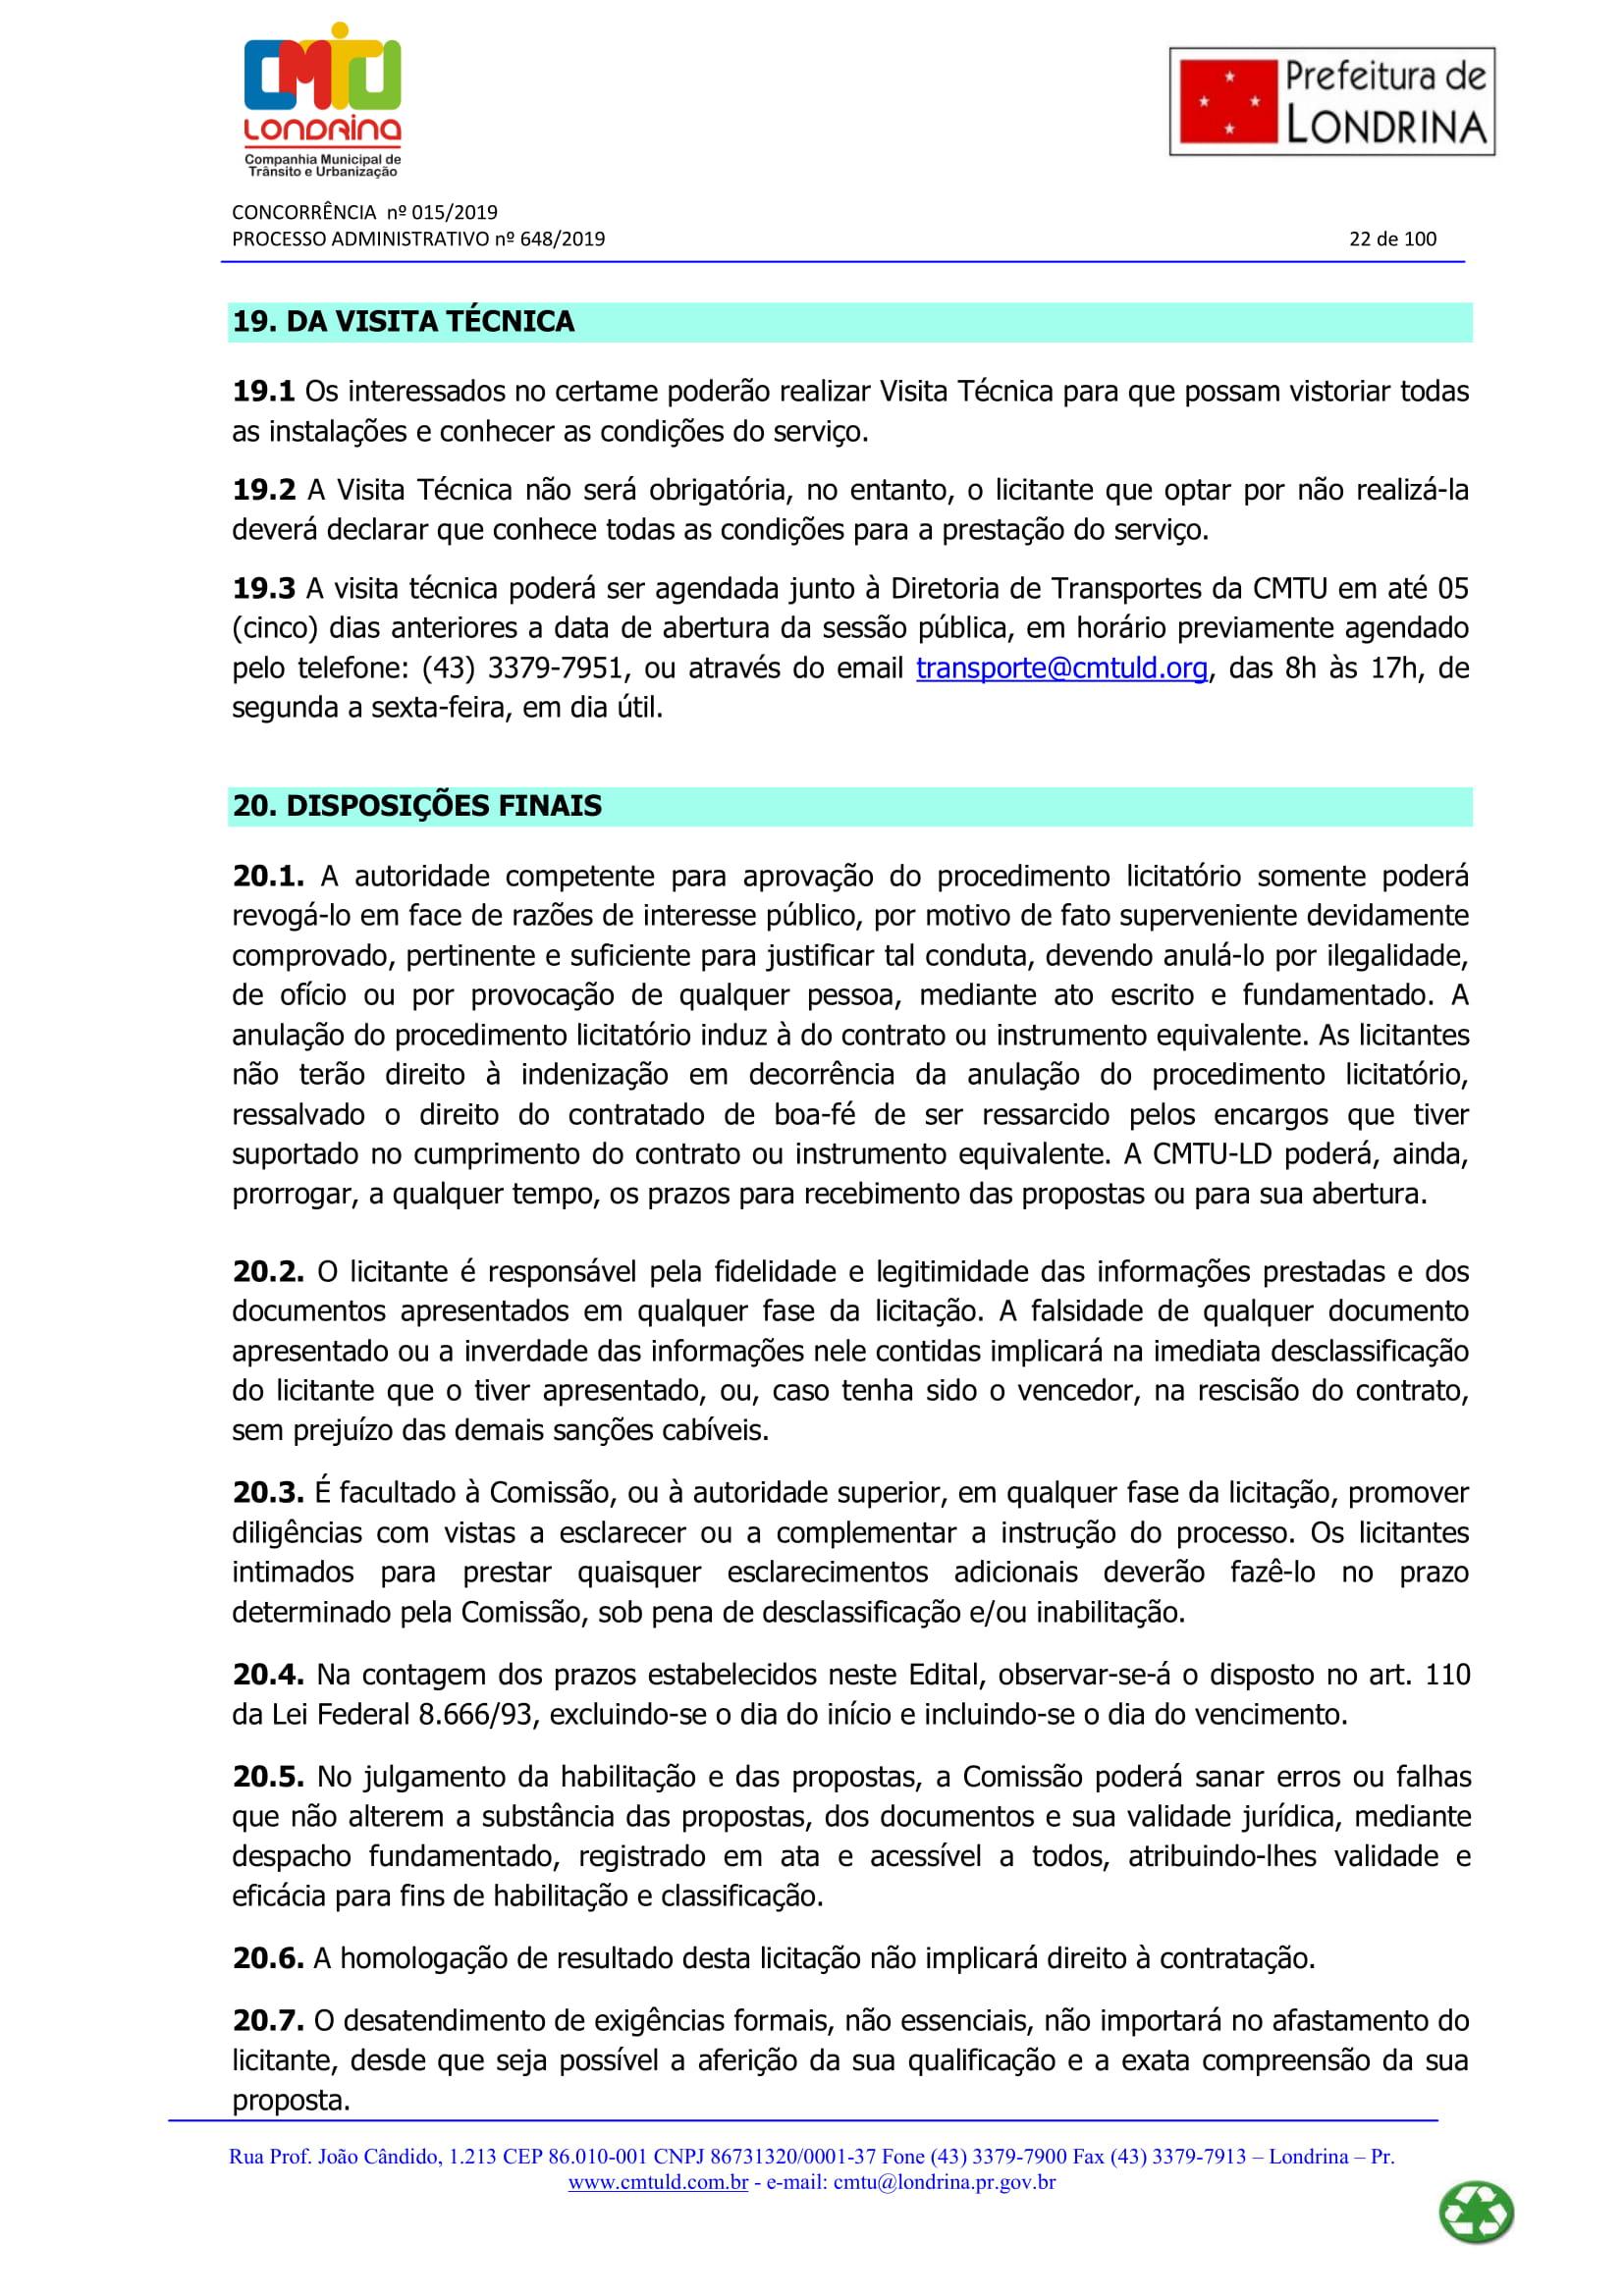 Edital_CC_015-2019-022